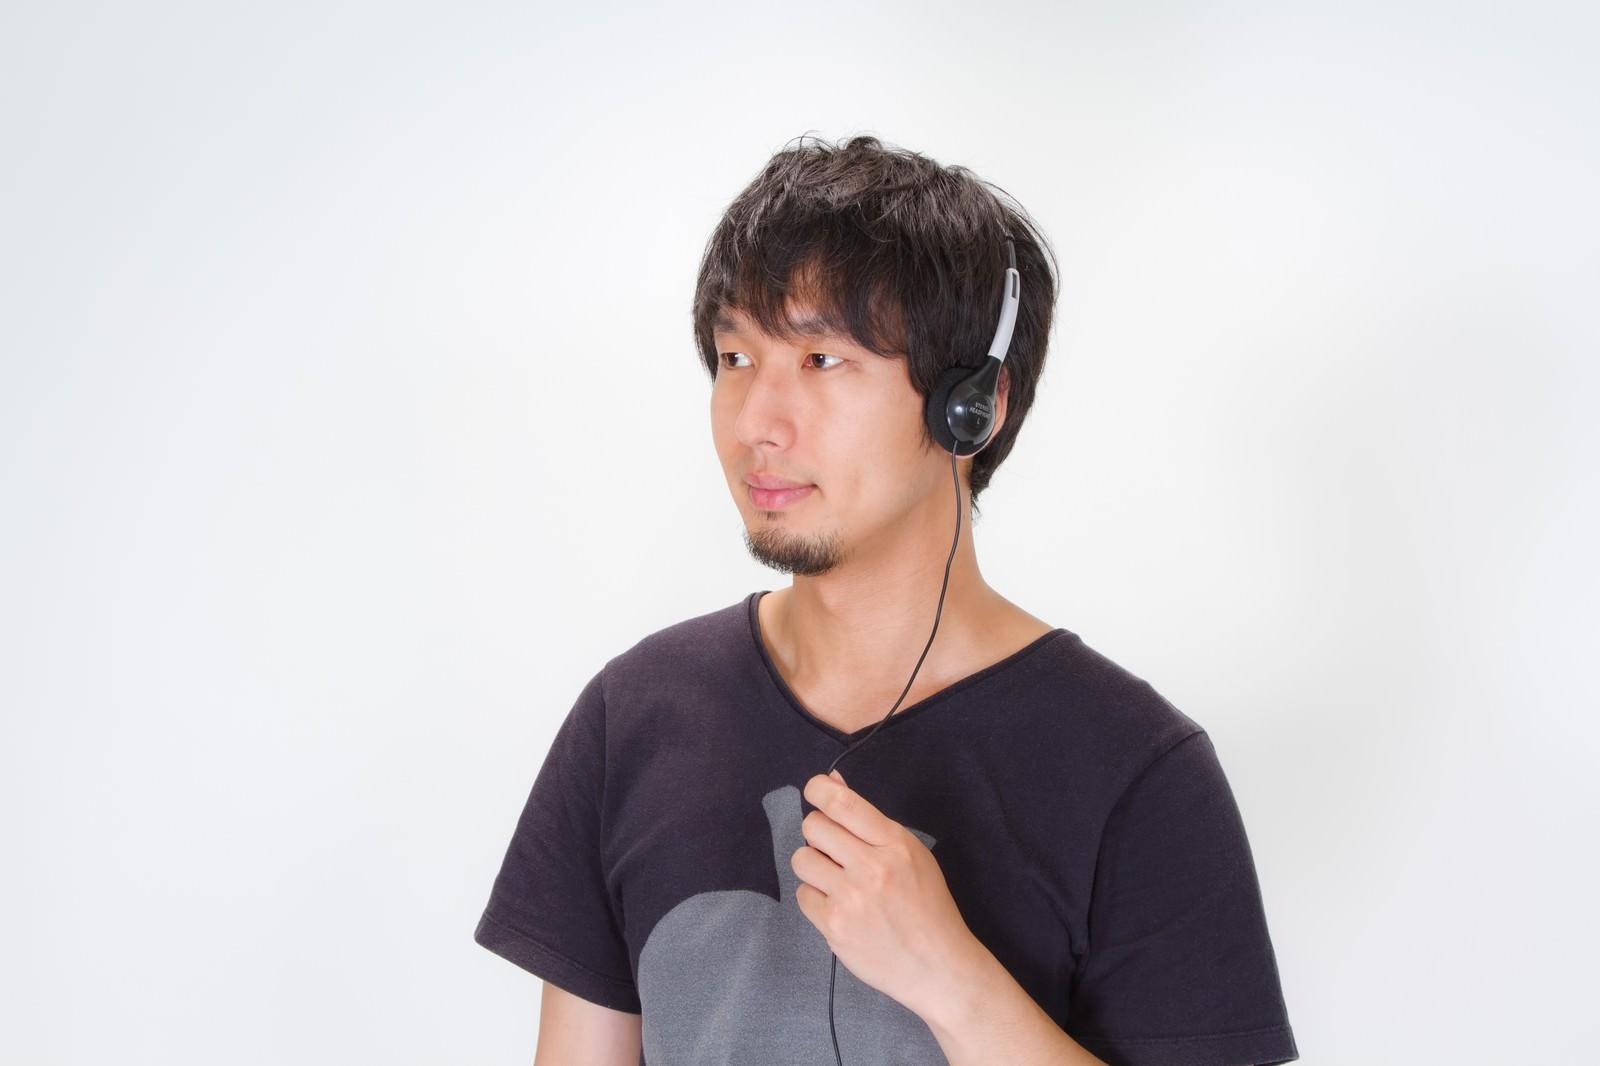 「ヘッドフォンで音楽を聴く男性」の写真[モデル:大川竜弥]